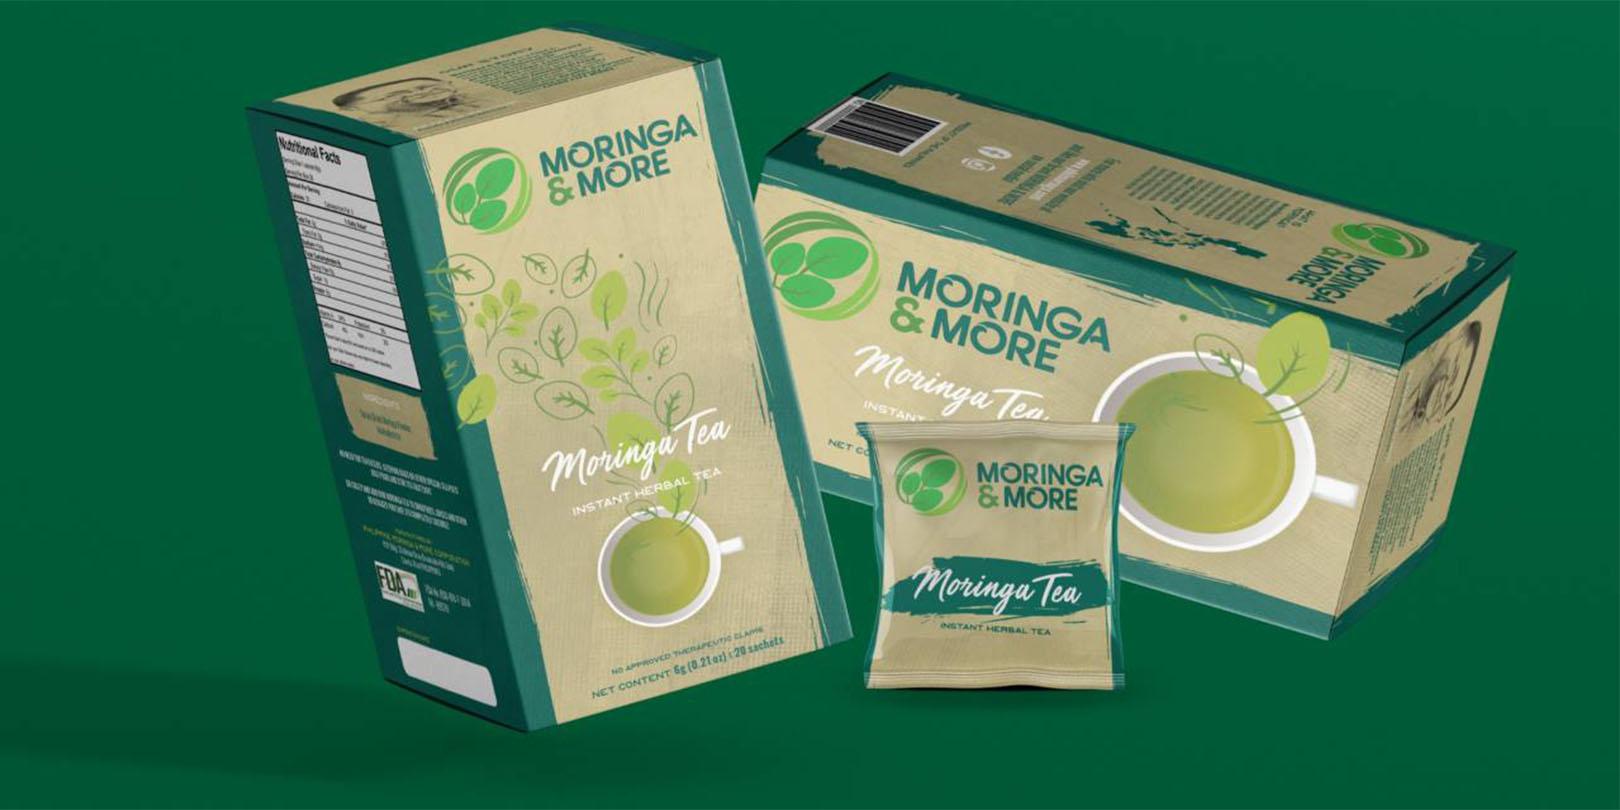 http://philmoringa.com/images/new-instant-tea-slide.jpg